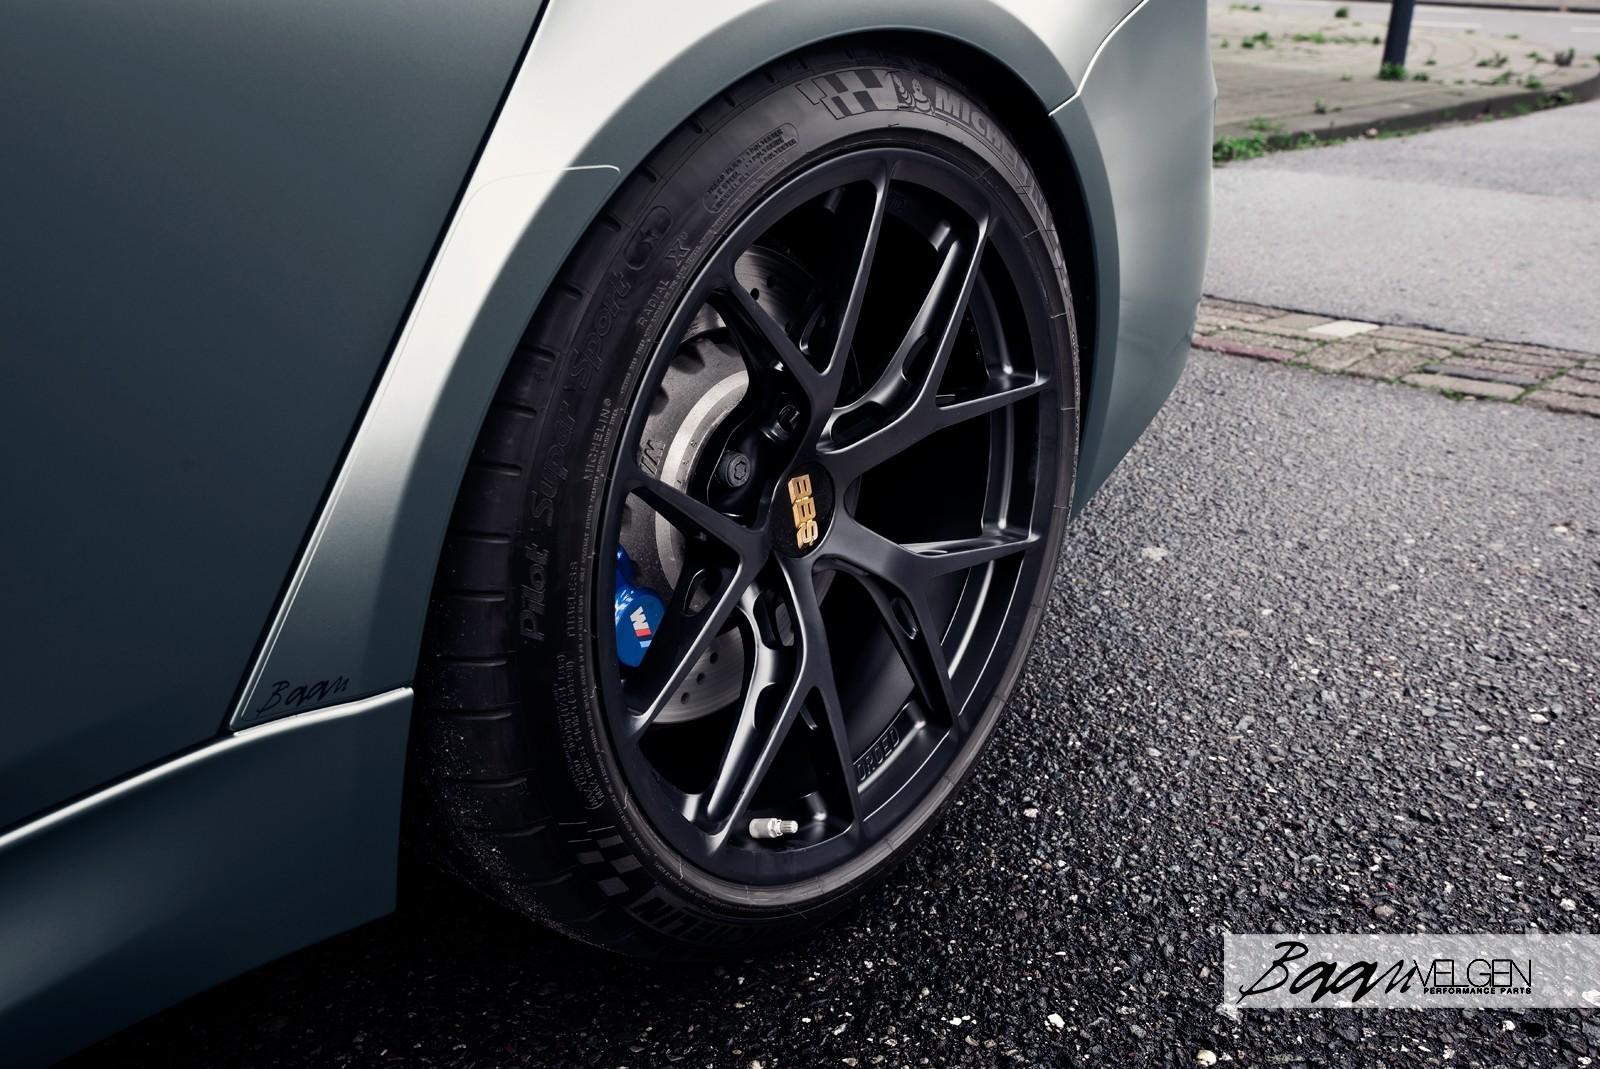 F80 BMW M3 by Baan Velgen (6)